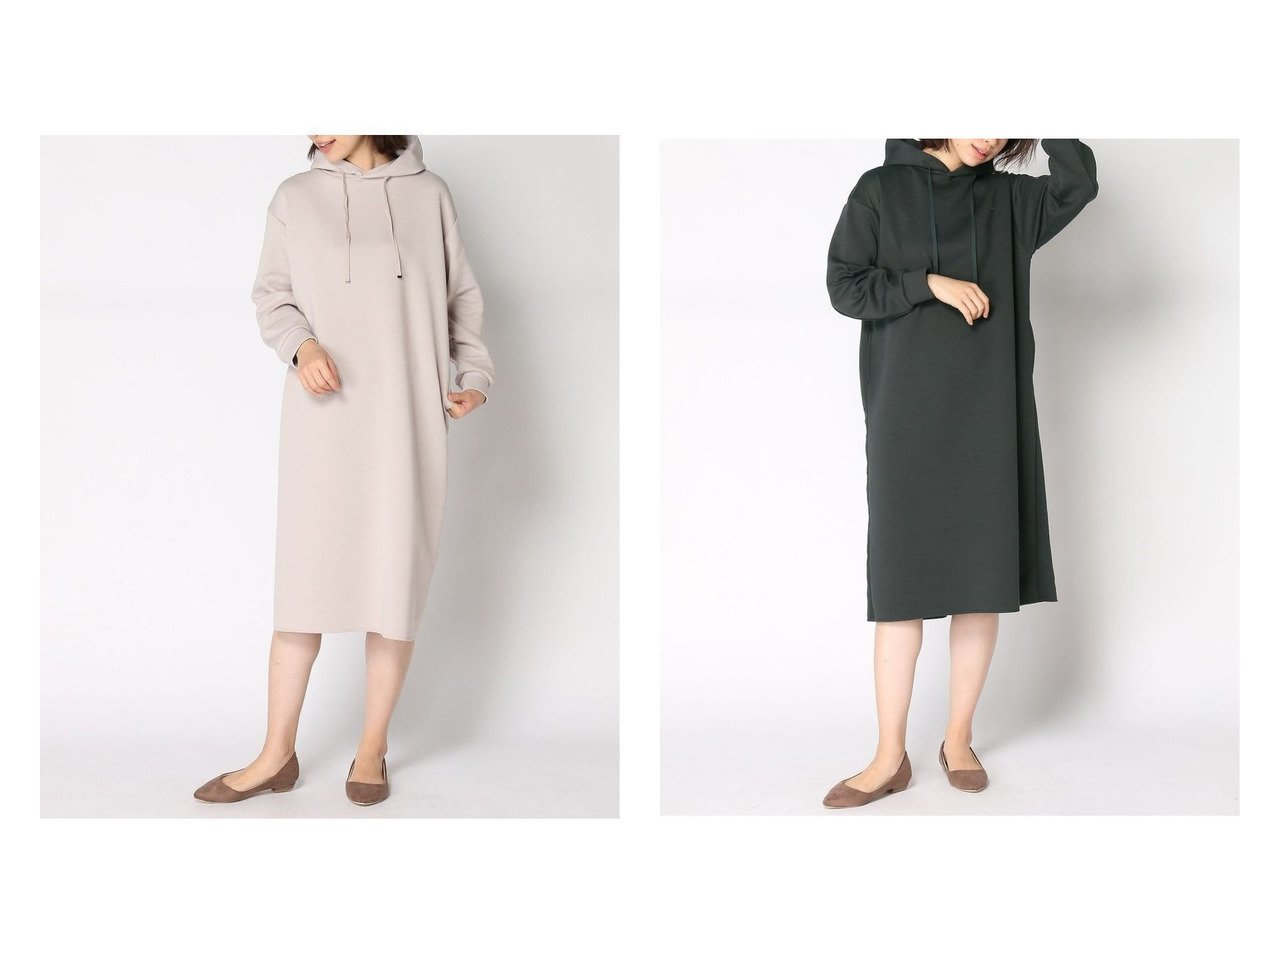 【GLOBAL WORK/グローバルワーク】のハンサムビジンPKワンピ ワンピース・ドレスのおすすめ!人気、トレンド・レディースファッションの通販  おすすめで人気の流行・トレンド、ファッションの通販商品 メンズファッション・キッズファッション・インテリア・家具・レディースファッション・服の通販 founy(ファニー) https://founy.com/ ファッション Fashion レディースファッション WOMEN ワンピース Dress NEW・新作・新着・新入荷 New Arrivals おすすめ Recommend スピンドル スリット トレンド パーカー マキシ ワイド 今季 長袖 |ID:crp329100000022756